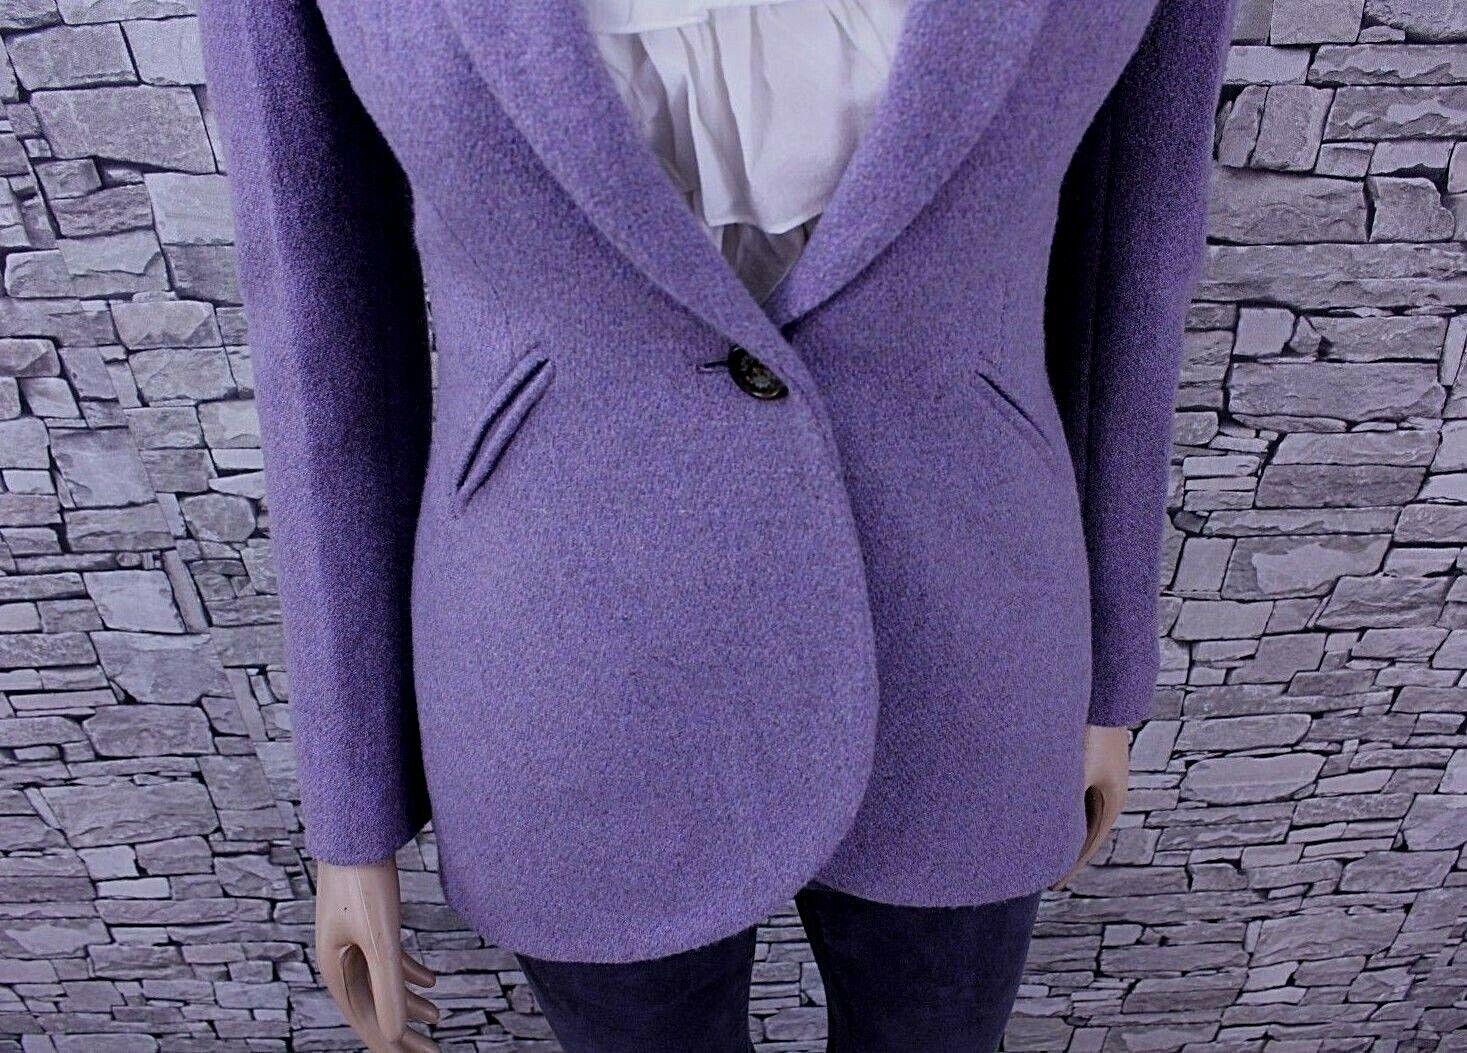 Ralph  Lauren lana Mix SEÑORA BLAZER chaqueta púrpura 34 nuevo con etiqueta  Centro comercial profesional integrado en línea.